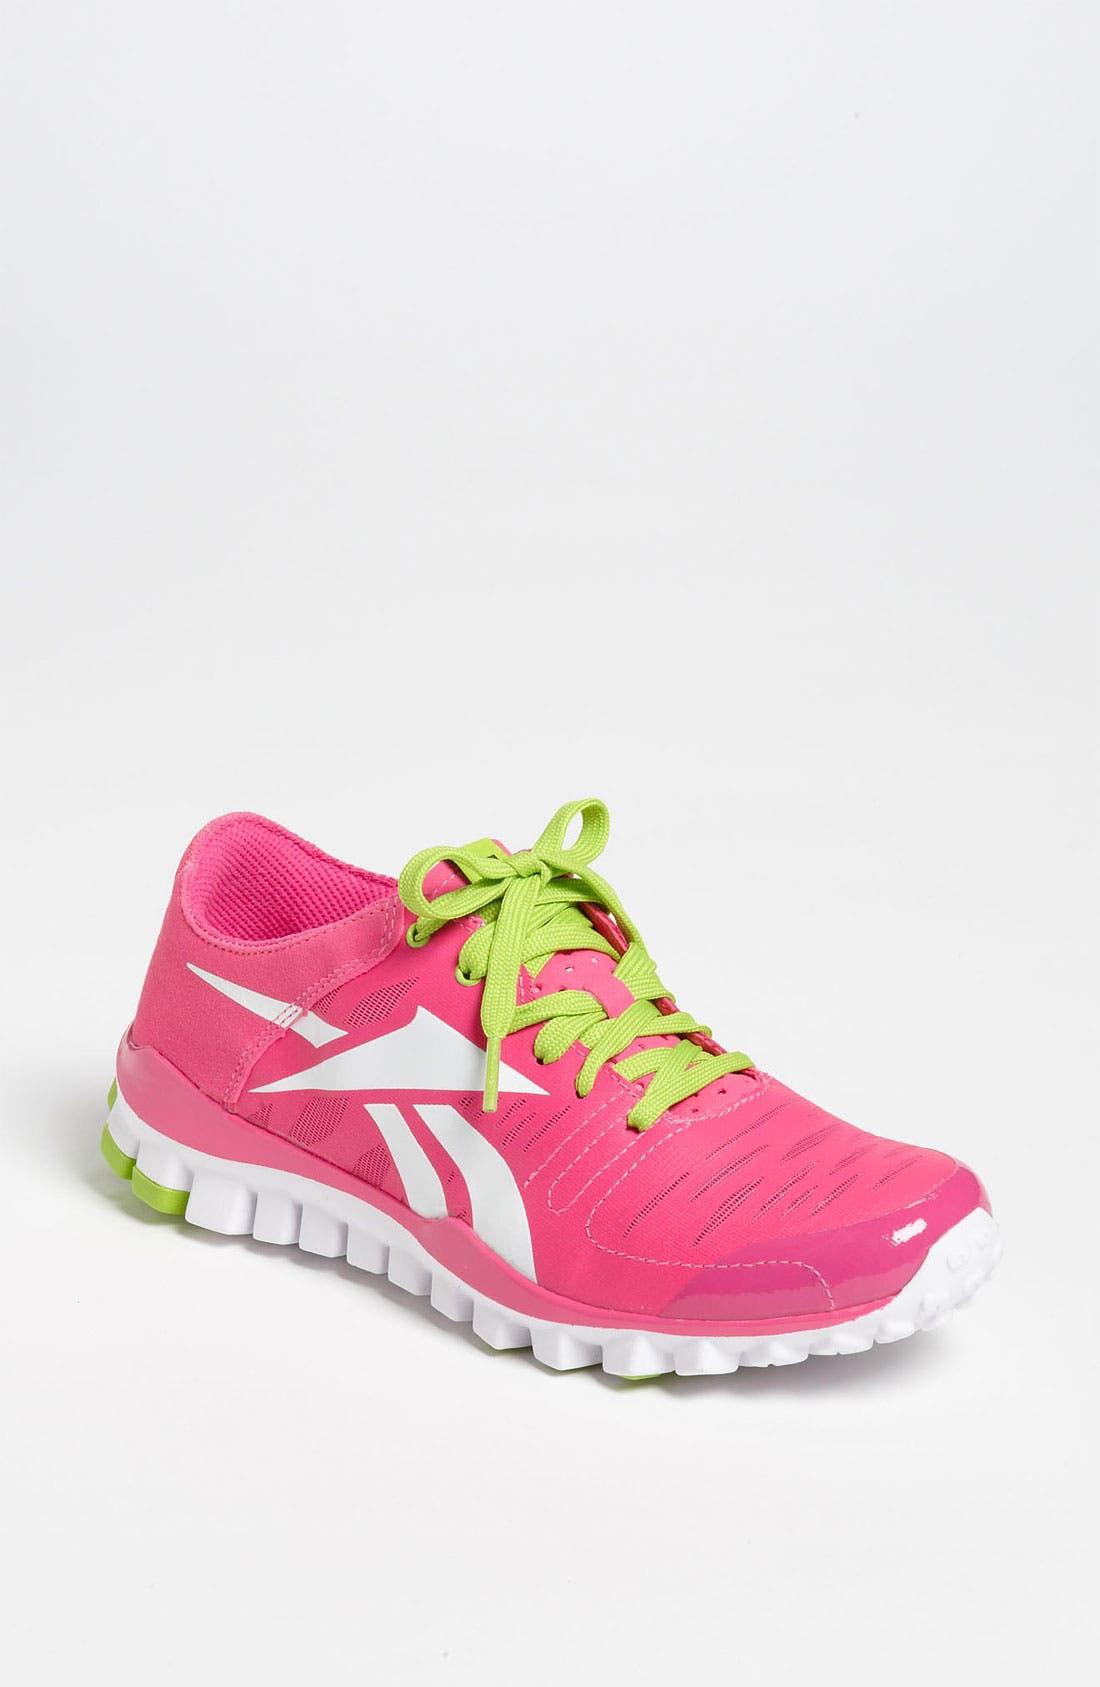 Main Image - Reebok 'RealFlex Fusion' Training Shoe (Women)